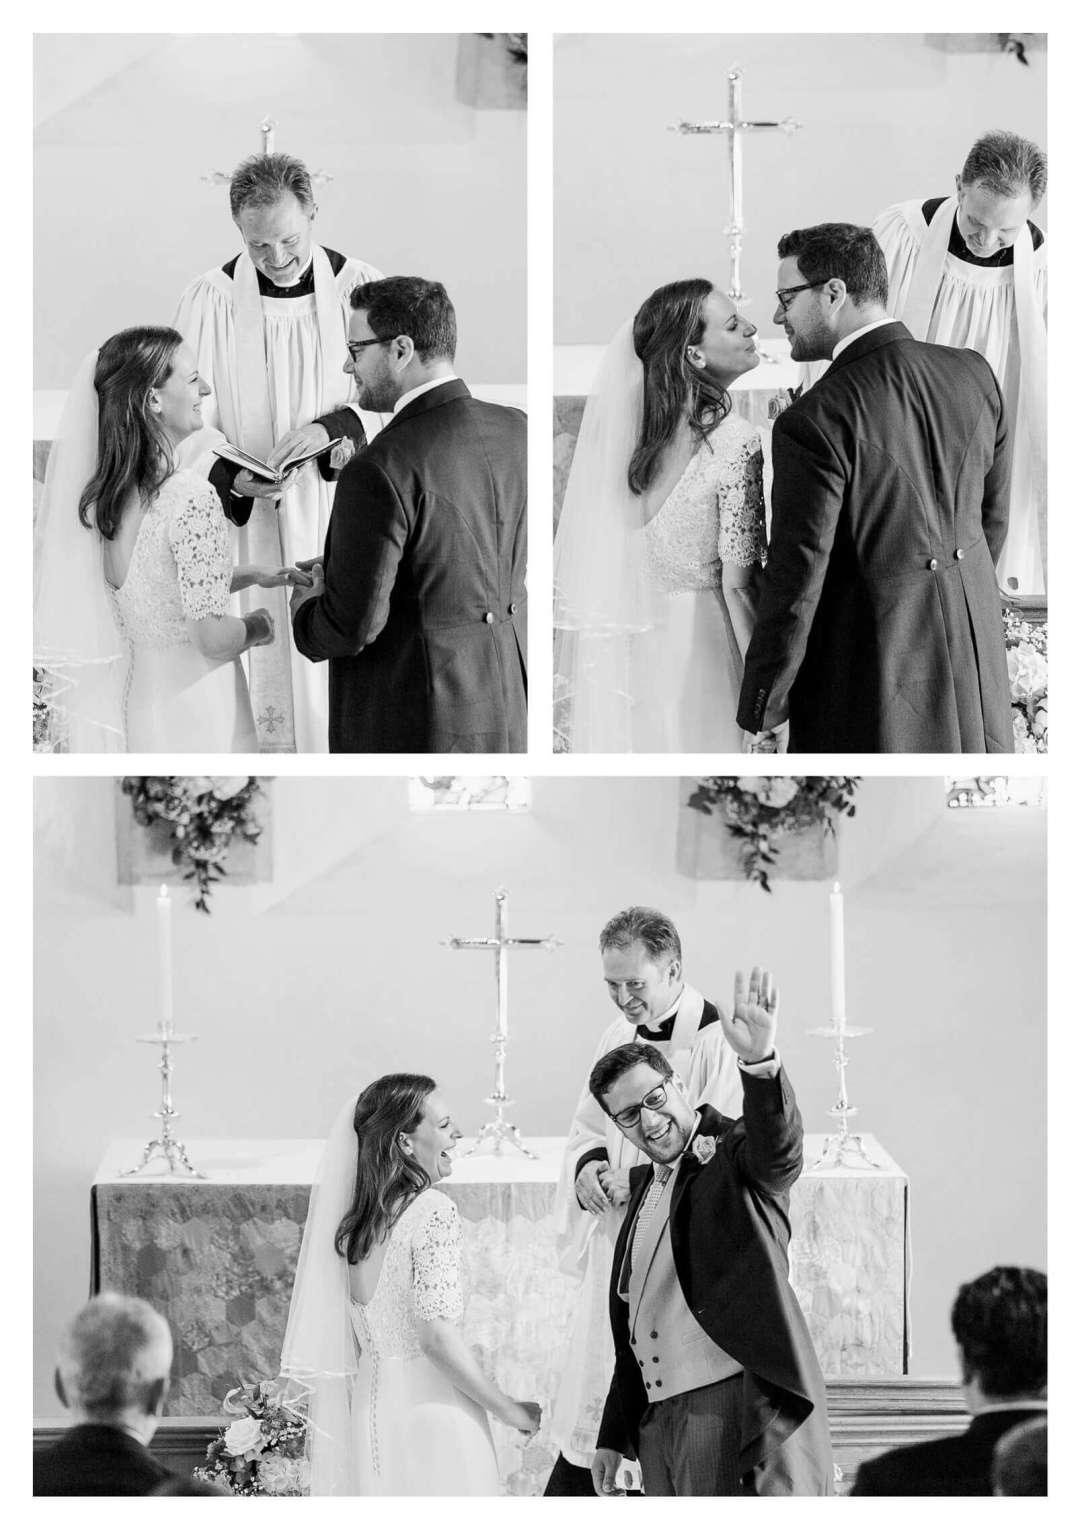 Wedding ceremony at St Nicholas Parish Church in Chichester | West Sussex wedding photographer